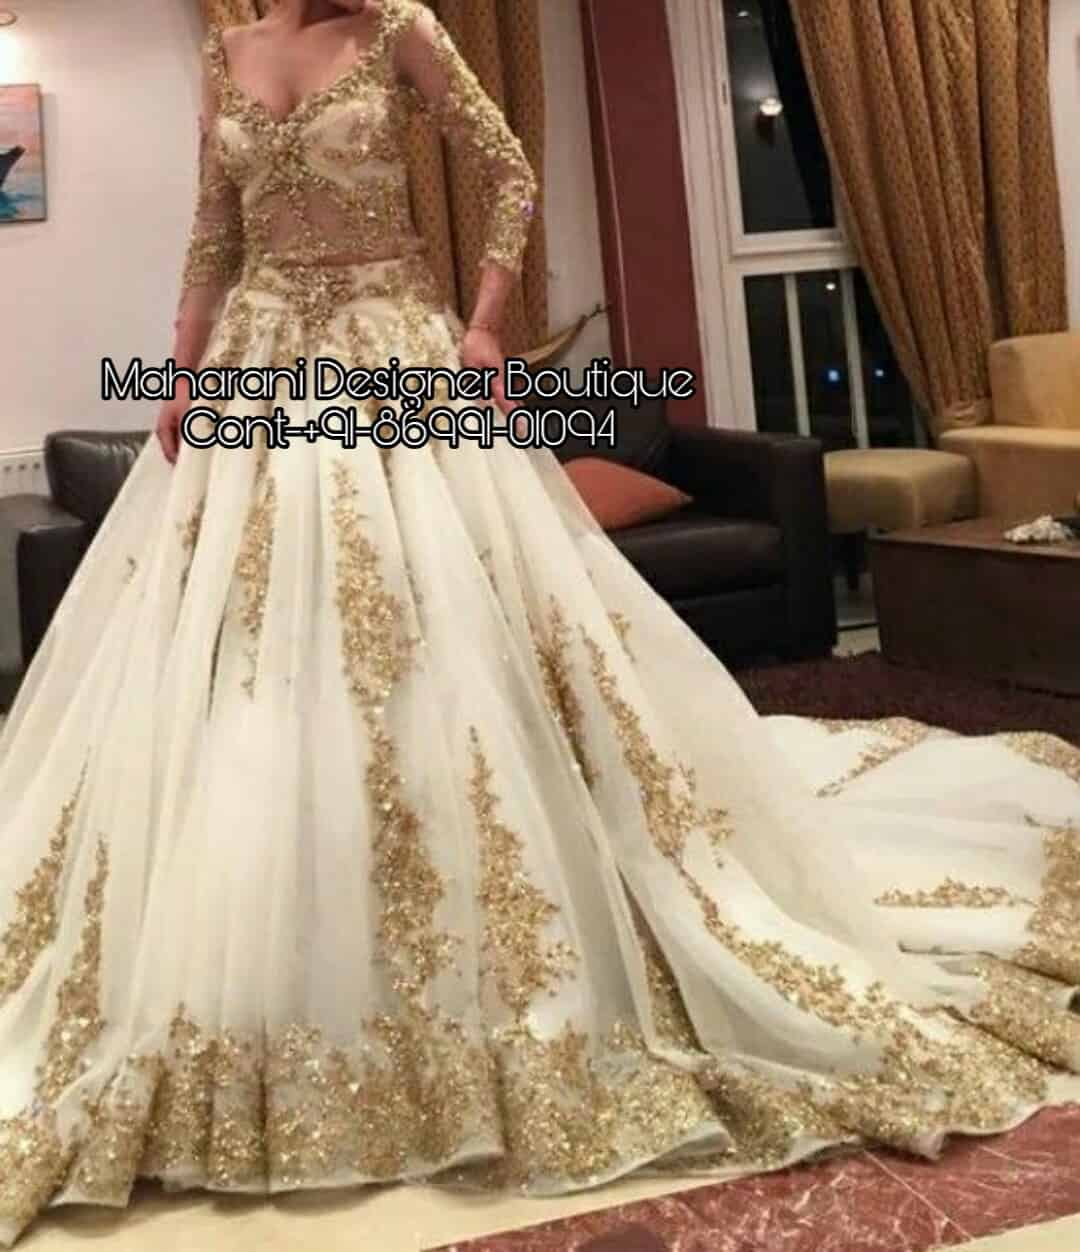 Bridal Dresses Online Order Maharani Designer Boutique,Beautiful Wedding Dresses For Skinny Brides